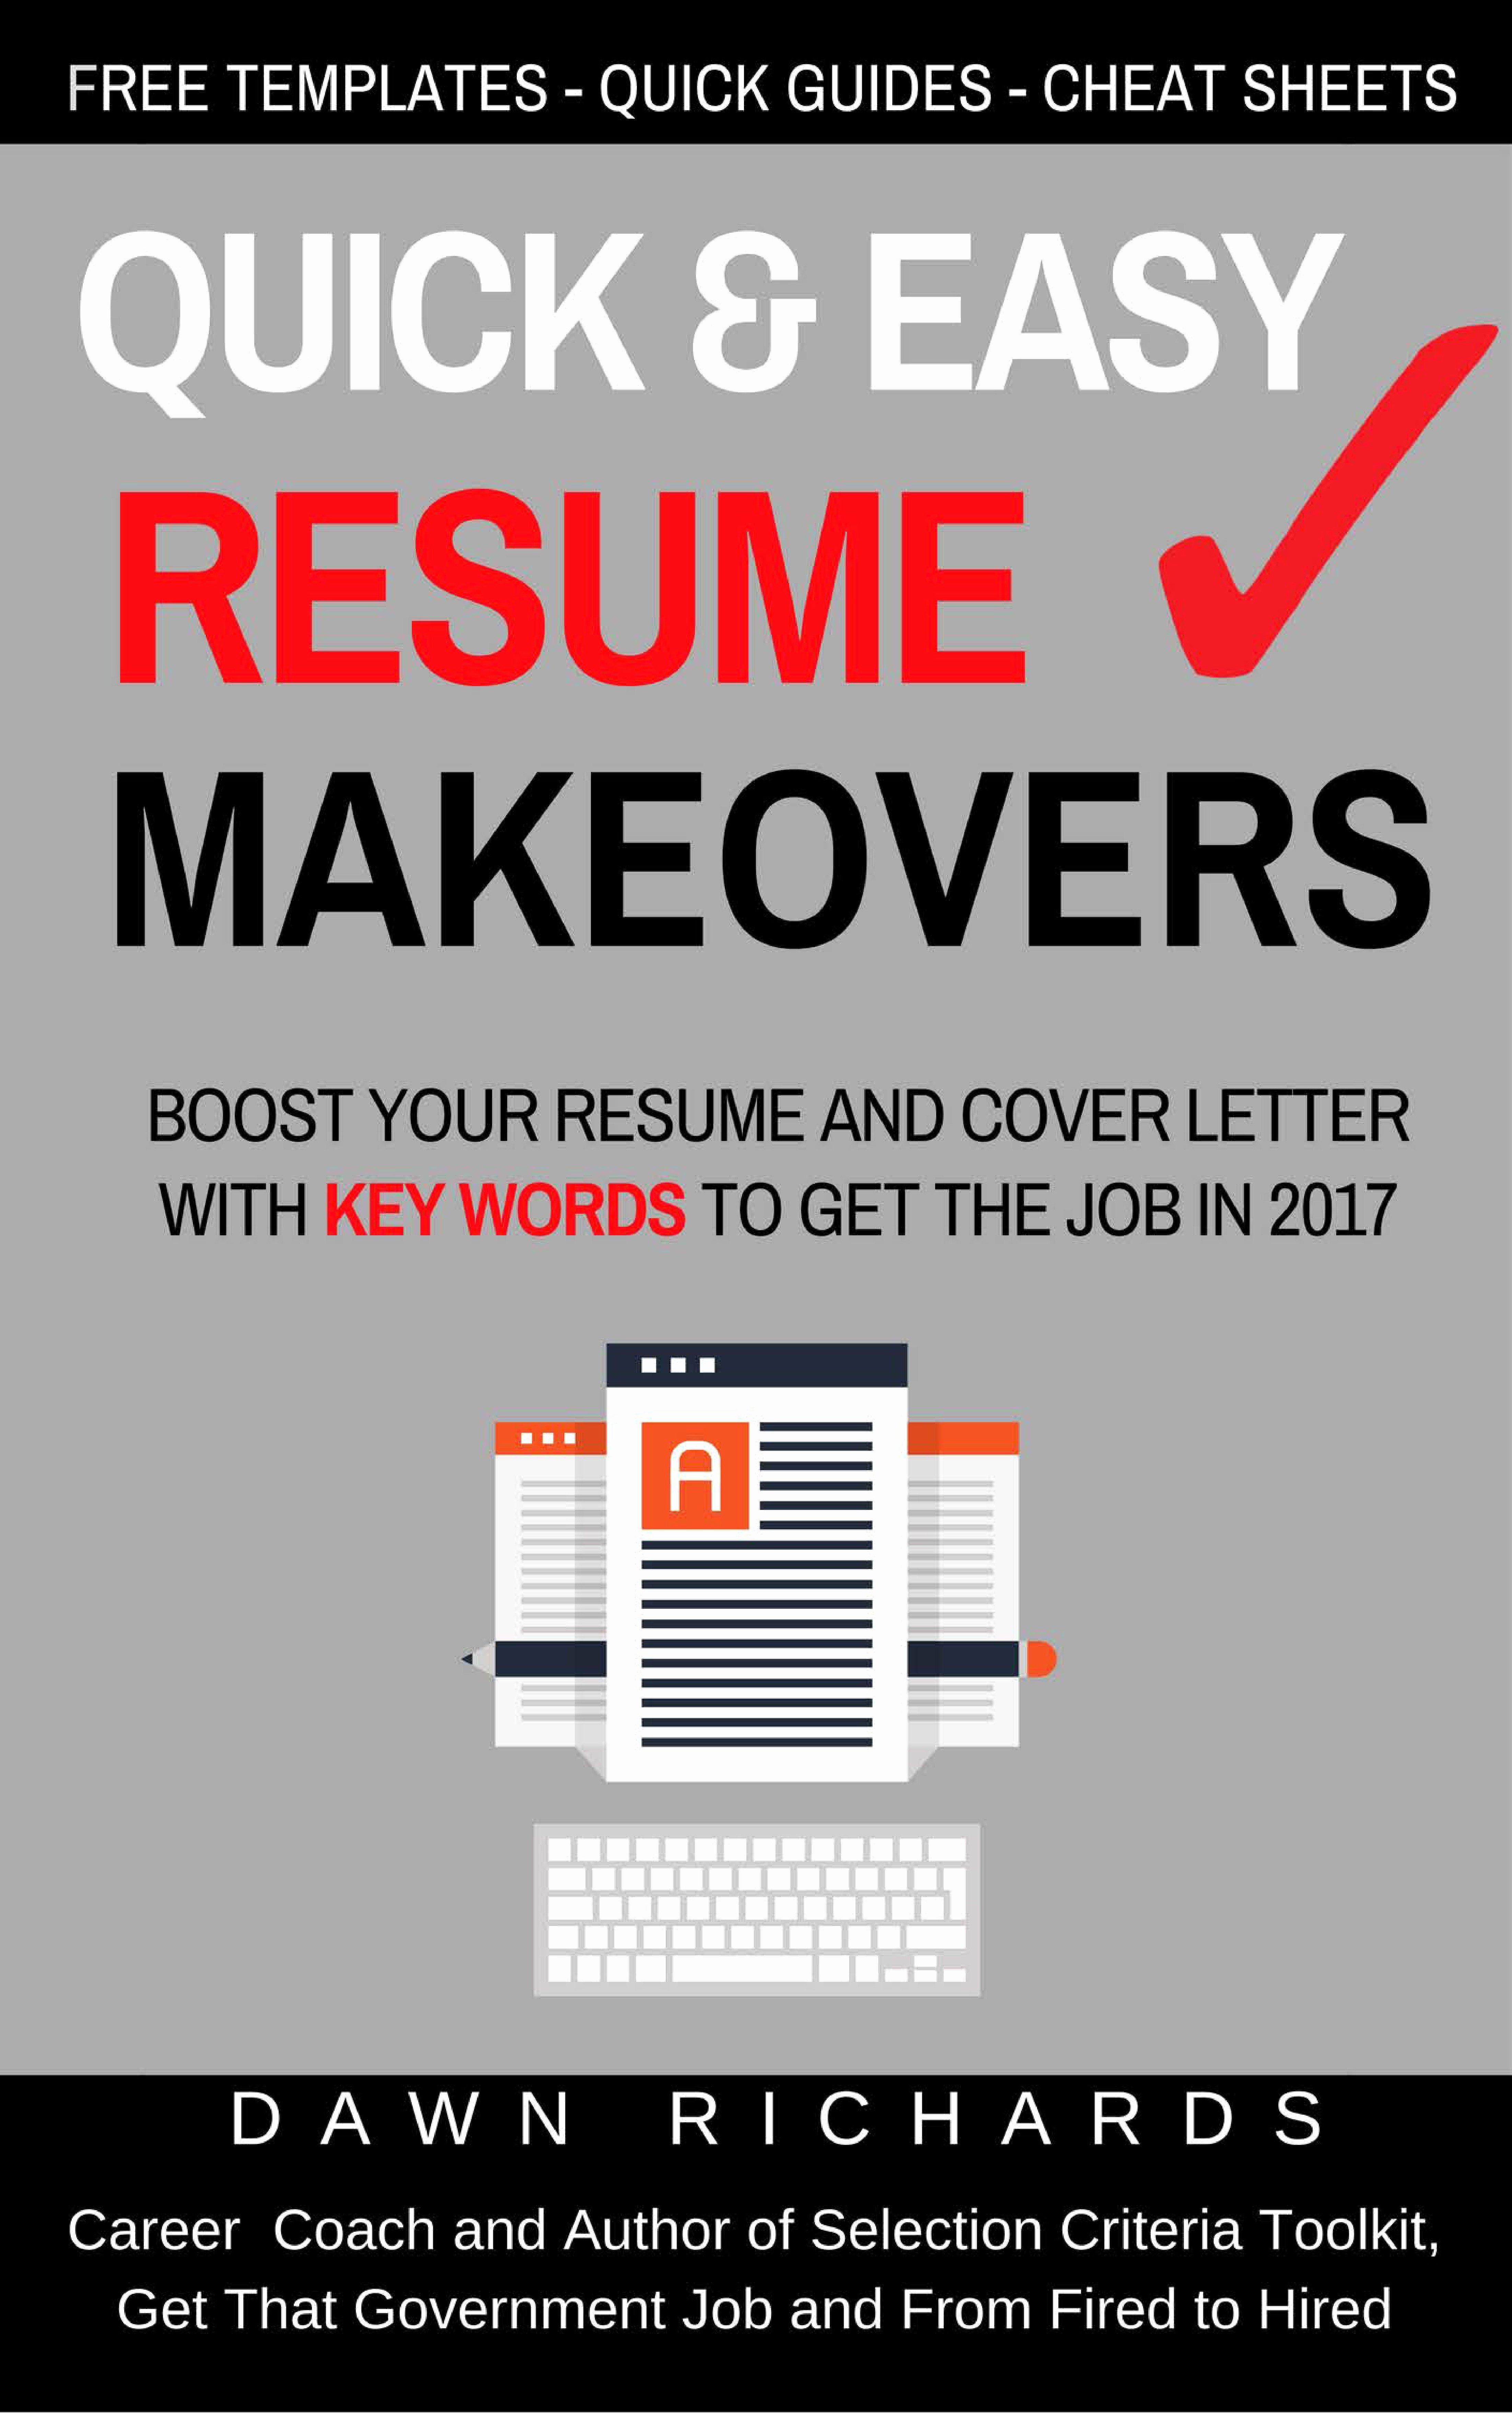 New Rules for Writing Résumés – Quick & Easy Résumé